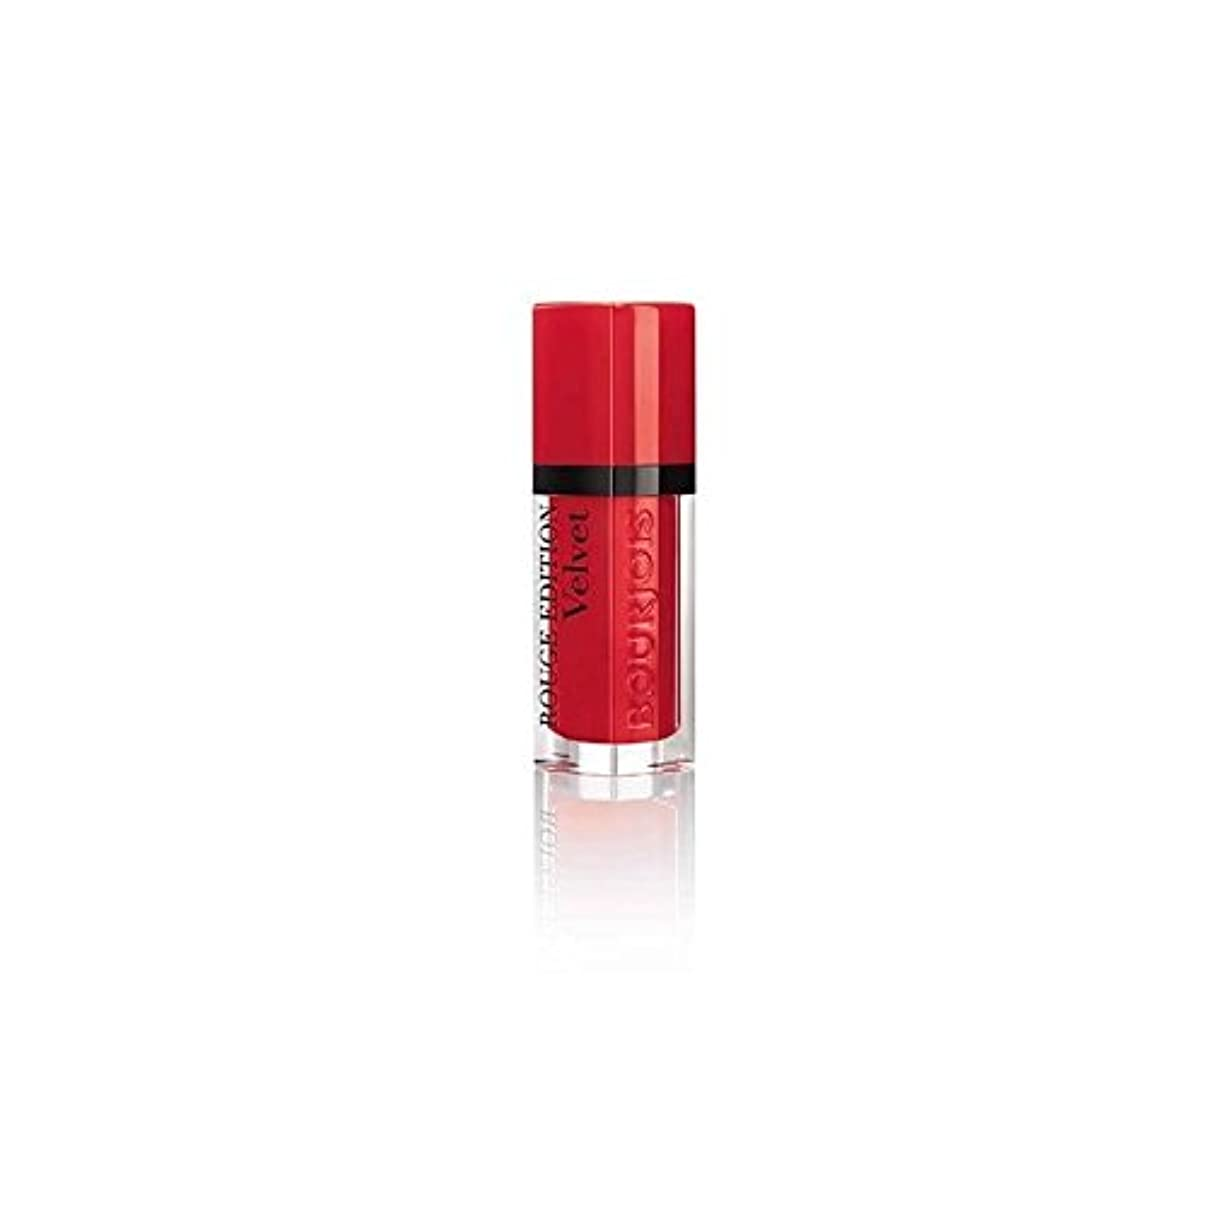 私ではごきげんよう土Bourjois Rouge Edition Velvet Lipstick It's Redding Men 18 - ブルジョワルージュ版のベルベットの口紅は、それはレディングの男性18です [並行輸入品]